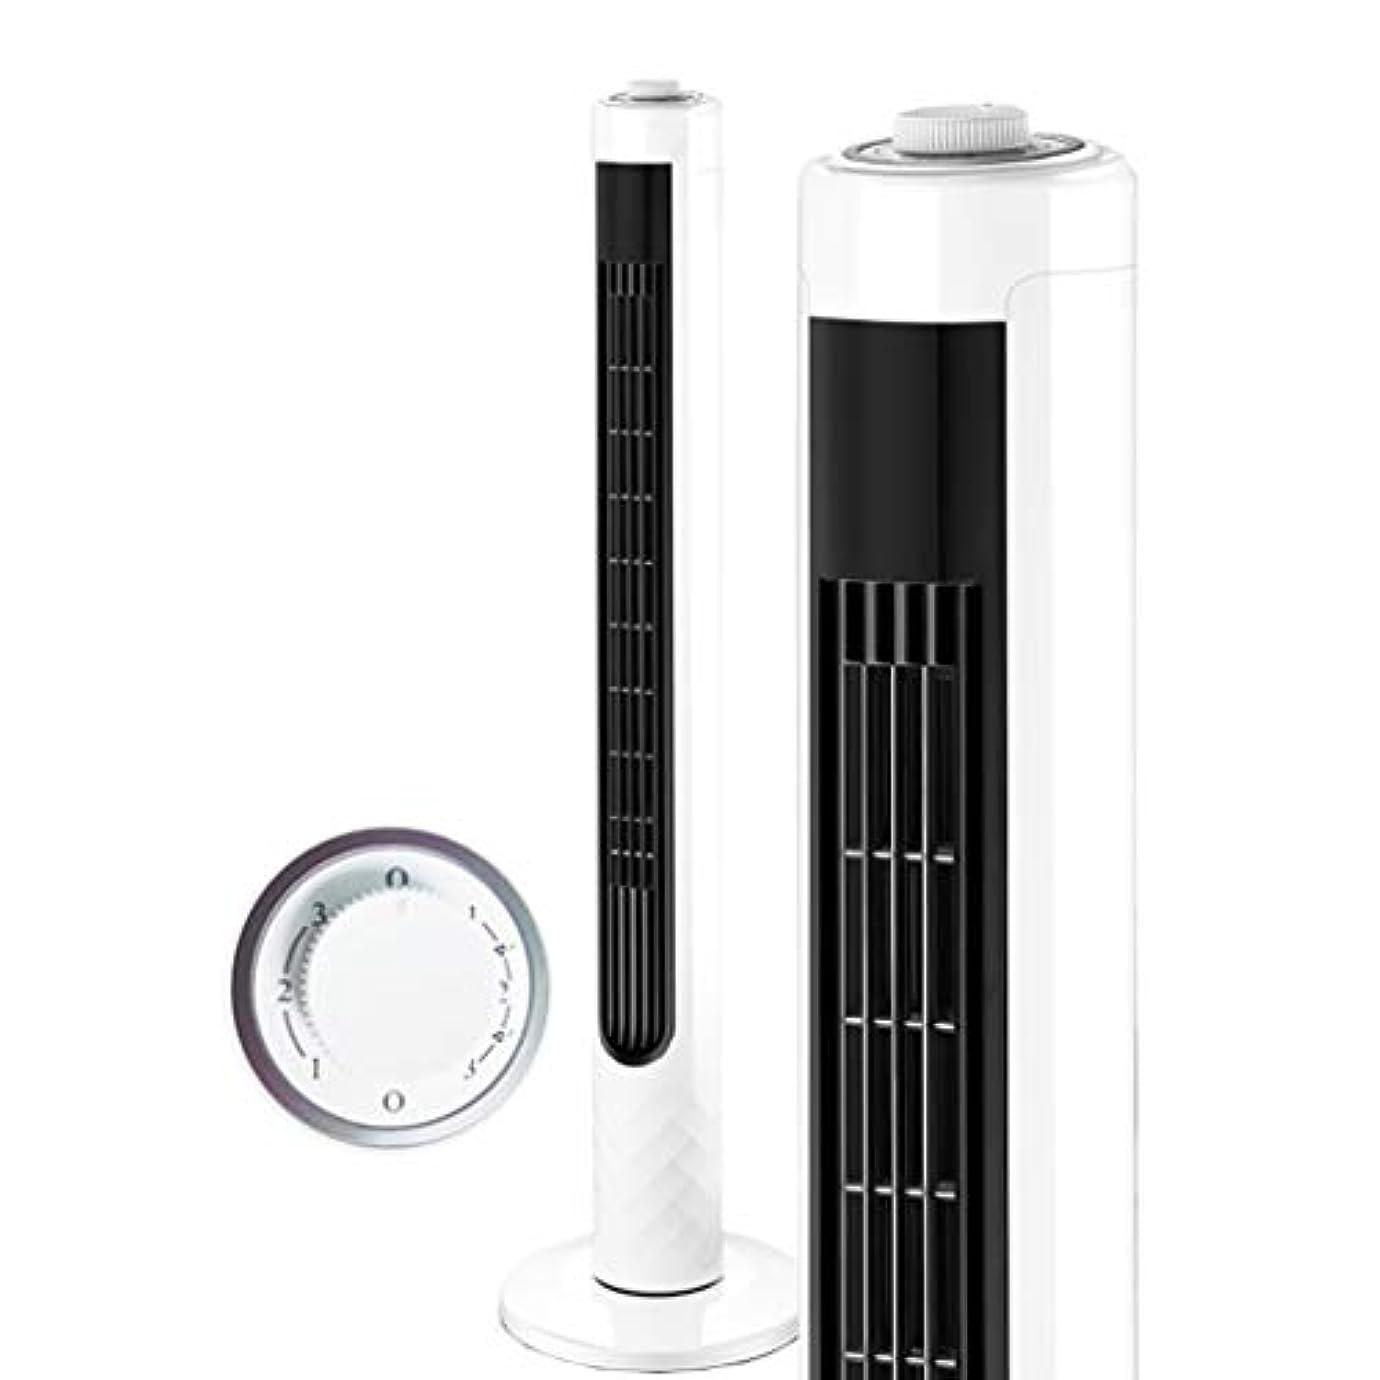 プロジェクター危険小道3速メカニカルタワーファン/ポータブルブレードレスファン振動冷却/ 105 cm屋内電動スリムファン、ブラック+ホワイト